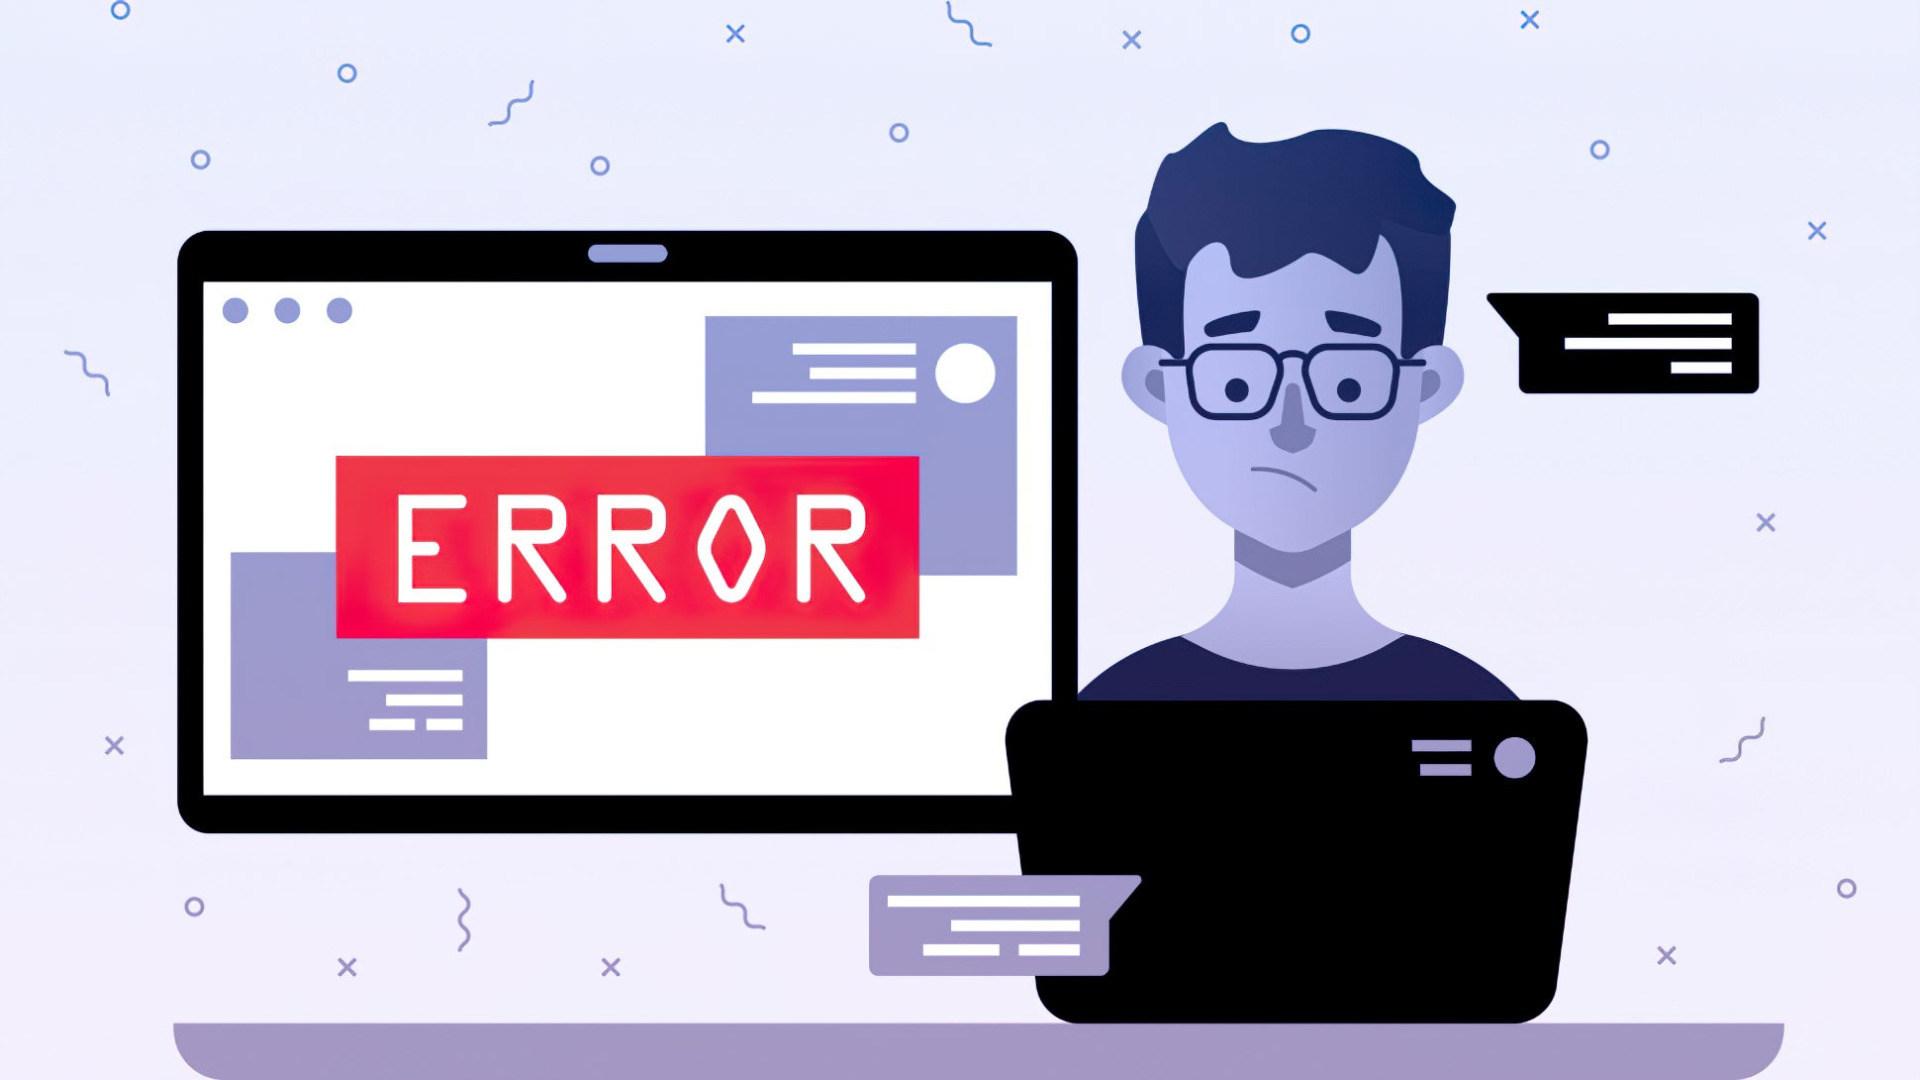 Microsoft, Sicherheit, Hacker, Hack, Fehler, Bug, Computer, Kriminalität, Schadsoftware, Cybersecurity, Hacking, Internetkriminalität, Bugs, Hacken, Fehlerbehebung, Hacker Angriffe, Ransom, Attack, Absturz, Crash, Schädling, Error, Crime, Windows 10 bugs, Windows 10 Bug, Windows 10 Fehler, Bluescreen, Promi-Hacker, Fehlermeldung, User, Update Fehler, Fehlercode, Neon, Softwarefehler, Achtung, Attantion, Windows 10 Bluescreen, Bluescreens, Opfer, Anwender, Hardwarefehler, Dead, Computertot, Programmabsturz, Traurig, Sad